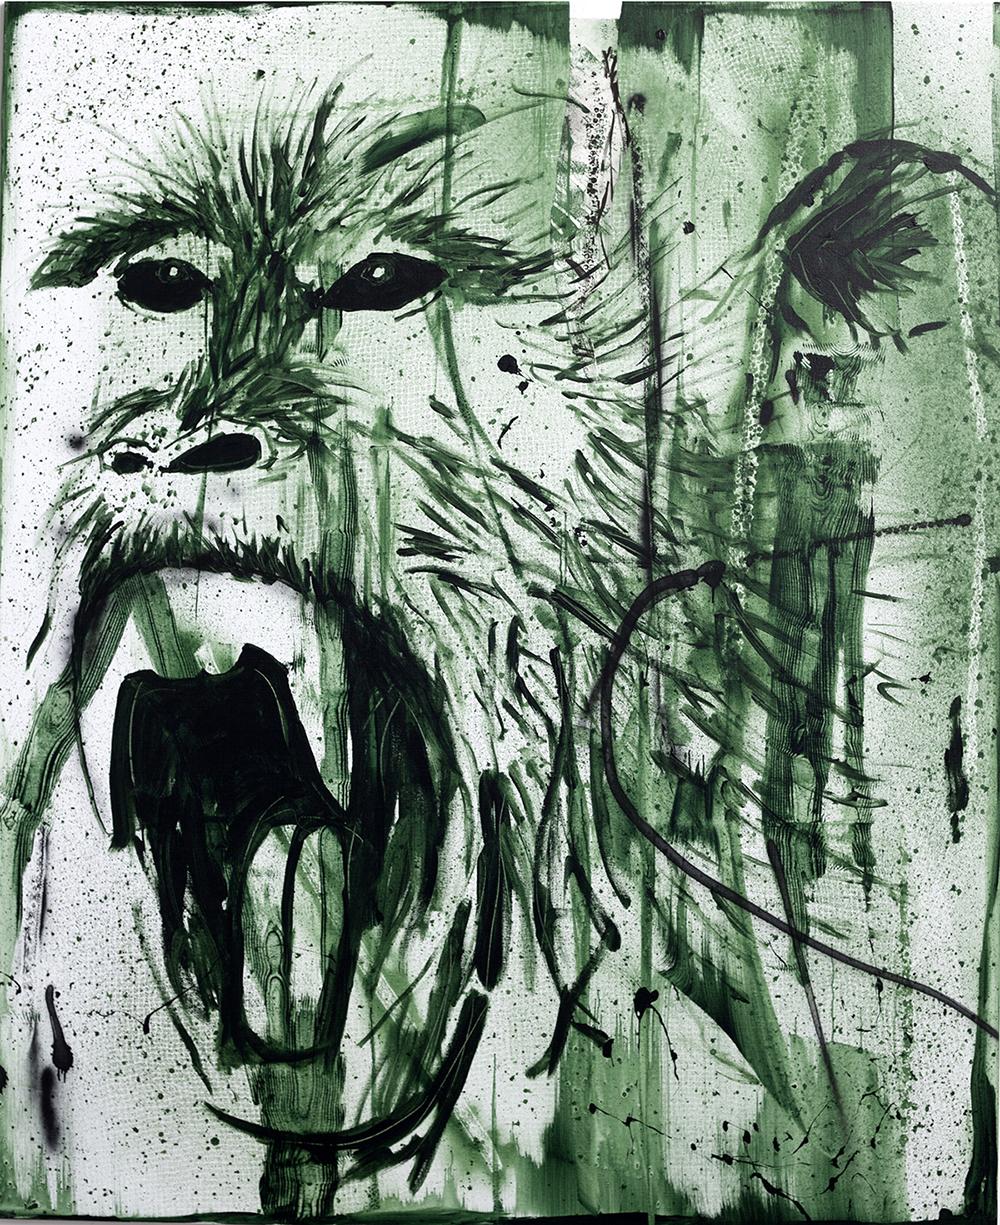 Claus Carstensen: Grønt net, 2017.  (Akryl og spray på lærred, 220 x 180 cm).